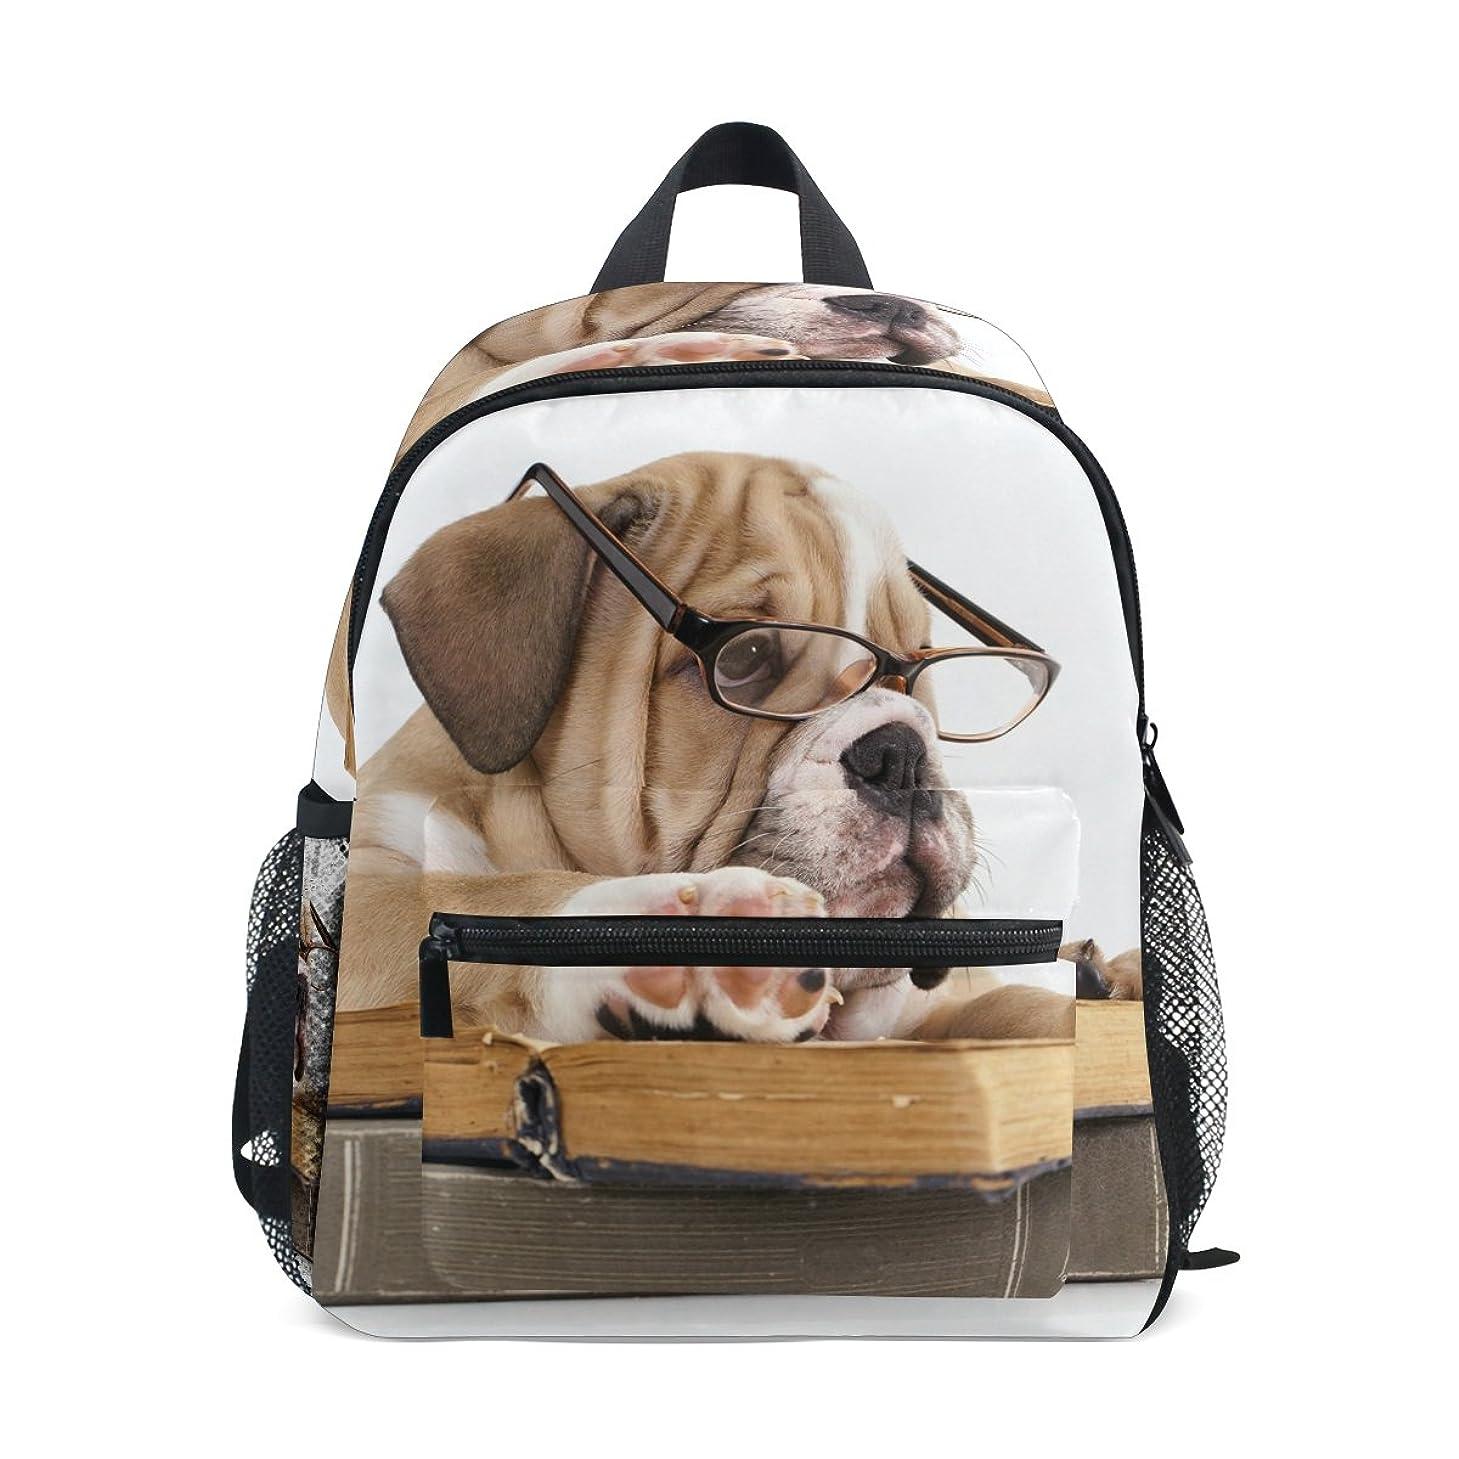 ハーフ雄大な観客キッズ リュック リュックサック バックパックかわいいペット犬 小サイズ ジュニア通学 バッグ 通園 遠足 デイバッグ 軽量 ポリエステル 撥水加工